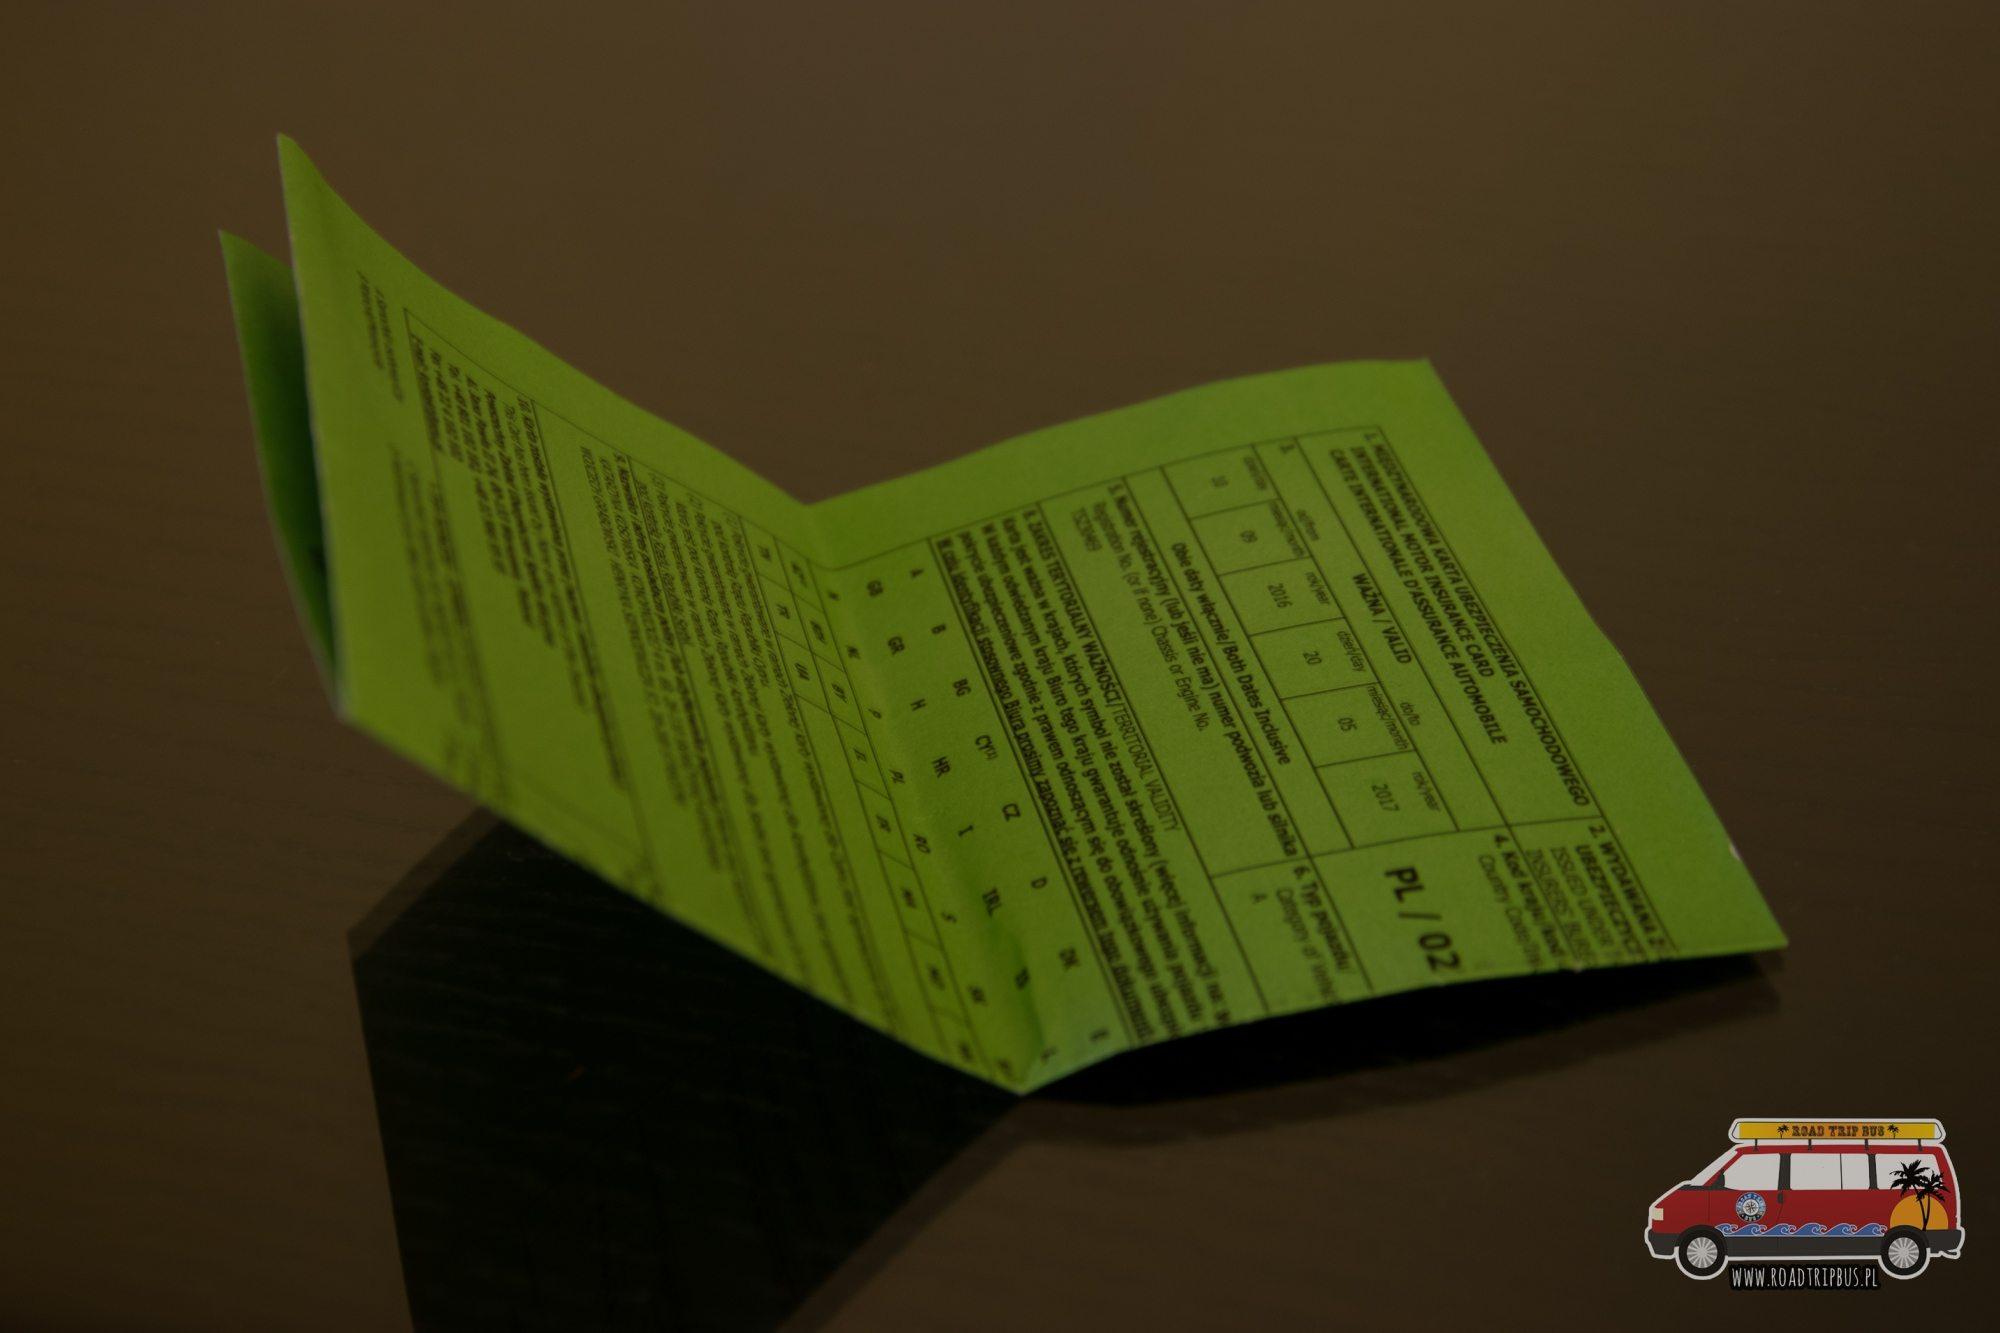 Zielona Karta Usa Jak Wyrobic.Zielona Karta Dla Samochodu Ile Kosztuje I Jak Ja Wyrobic